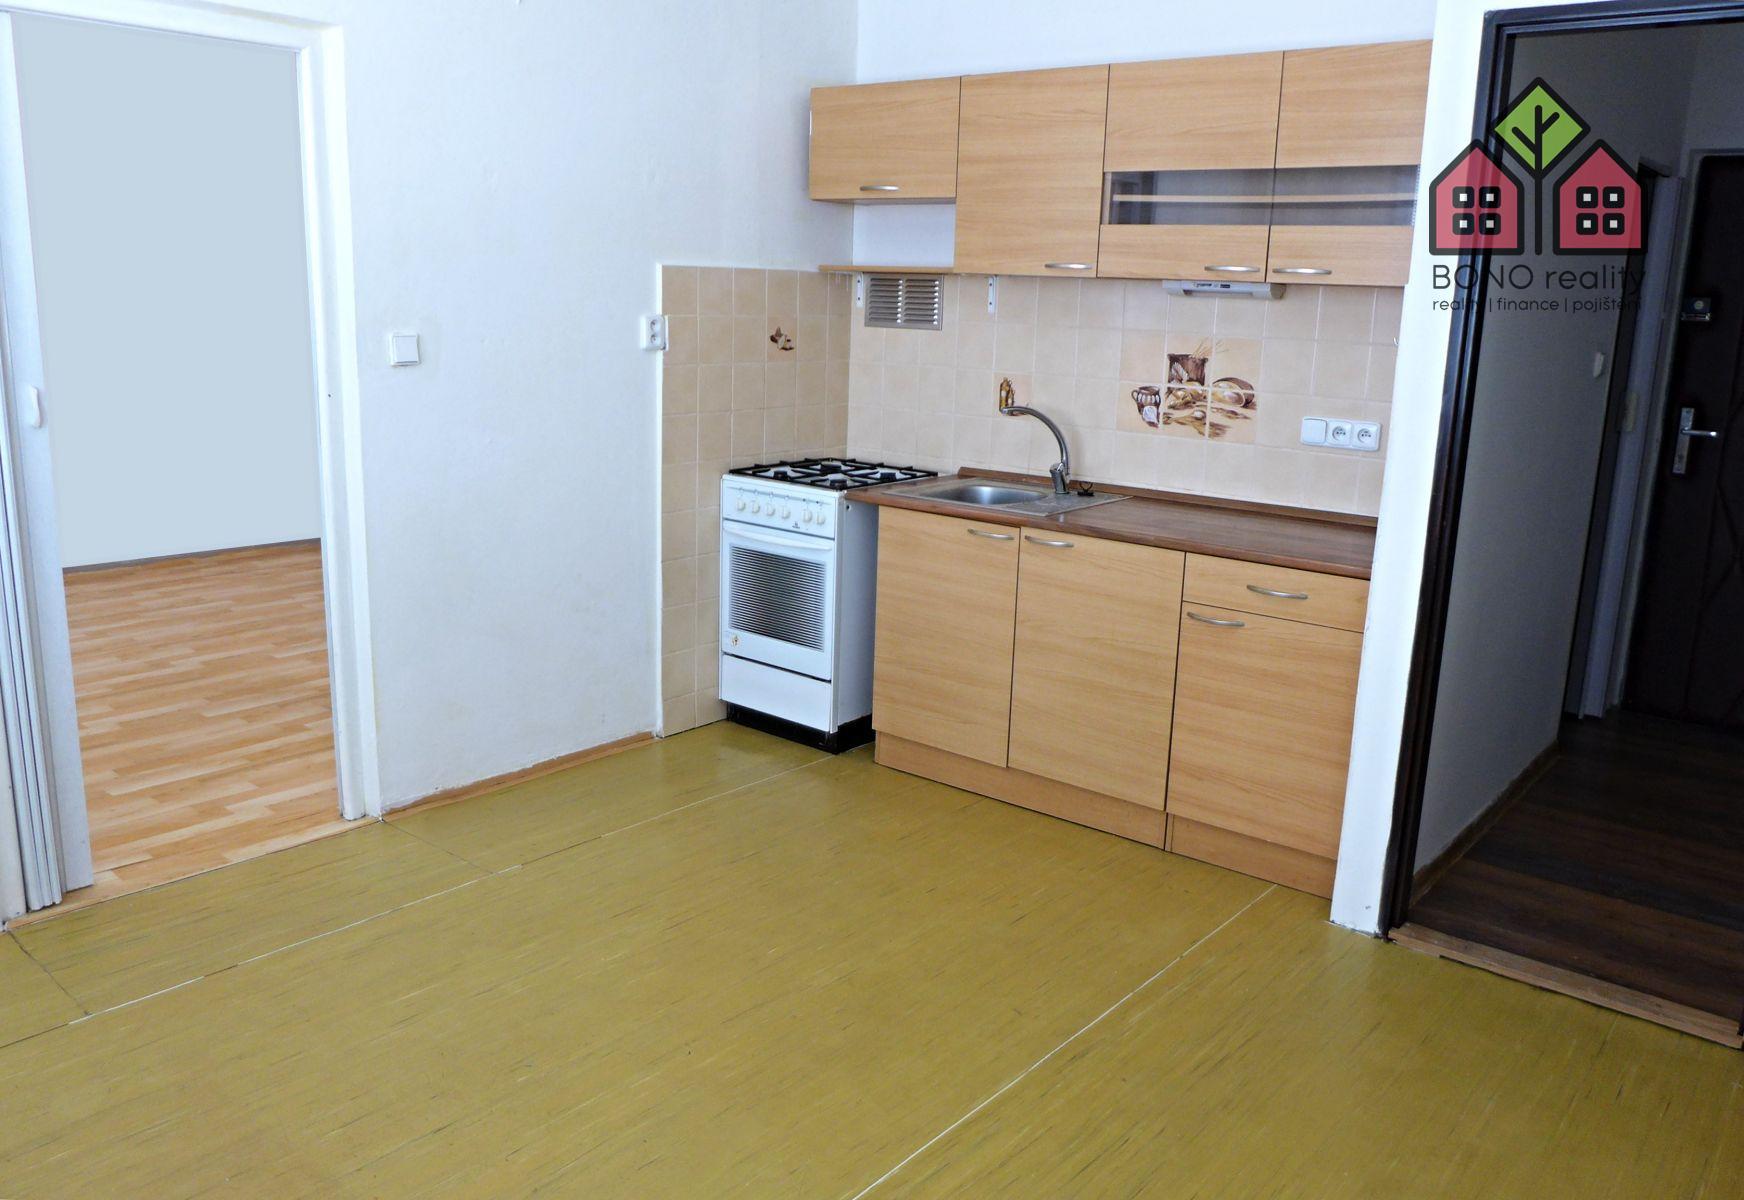 1+1, OV, 38 m2, dlouhodobý pronájem, 2 sklepy, Lovosice, ulice Vodní